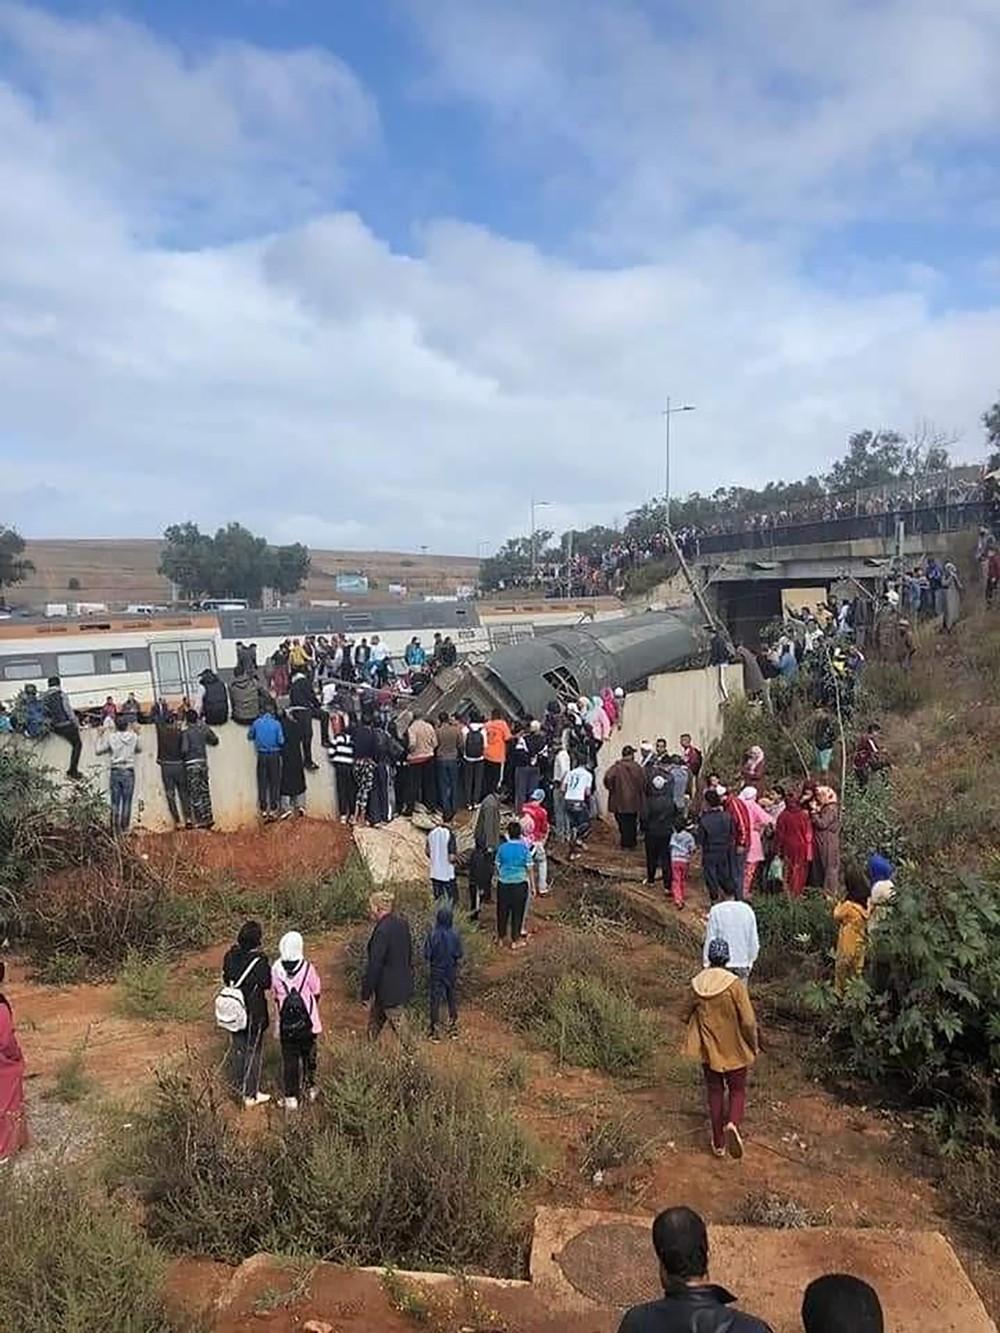 بعد الحادث القاتل.. استئناف حركة القطارات في المغرب